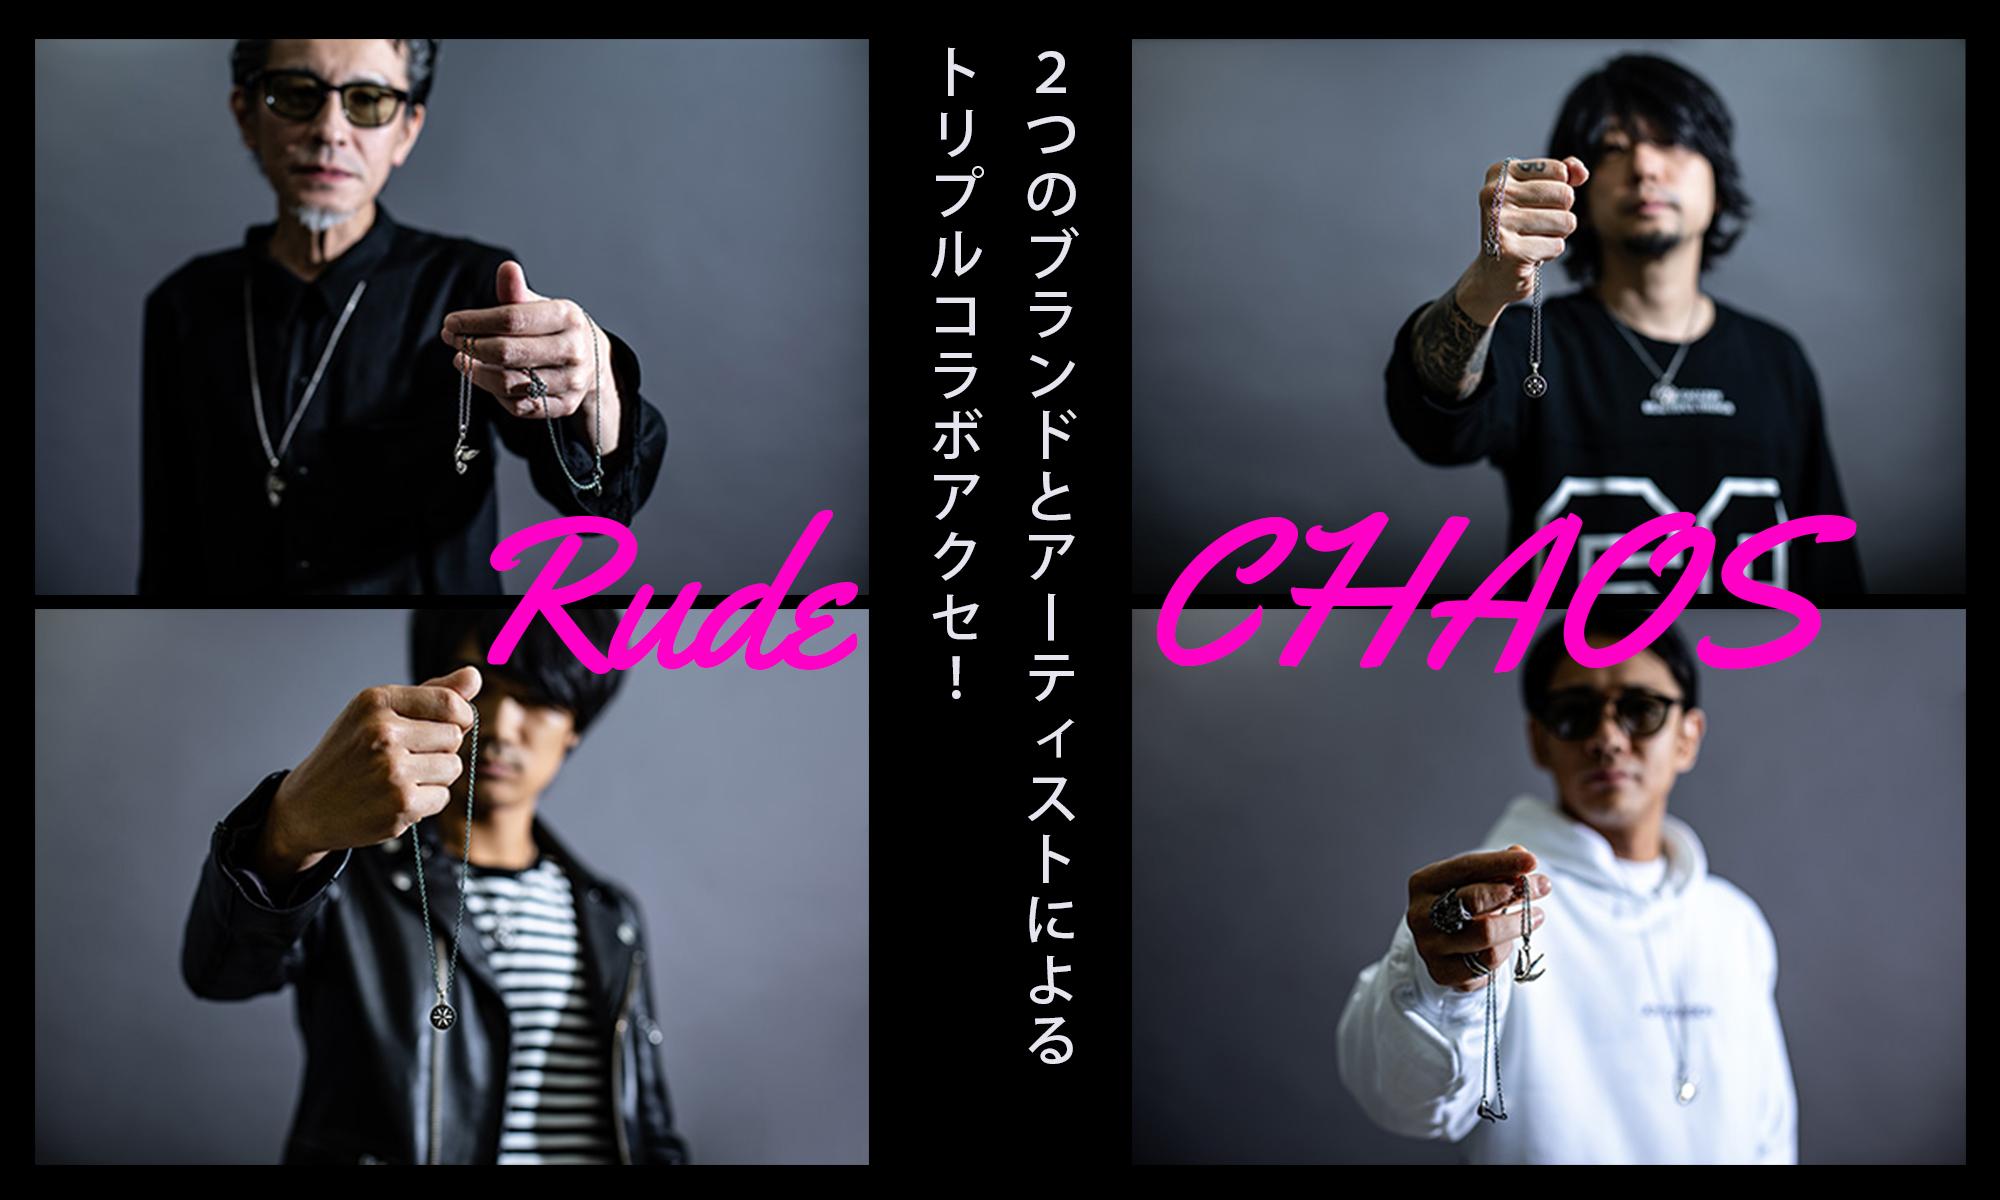 2つのブランドと4人のアーティストによるトリプルコラボアクセ! -Rude CHAOS-